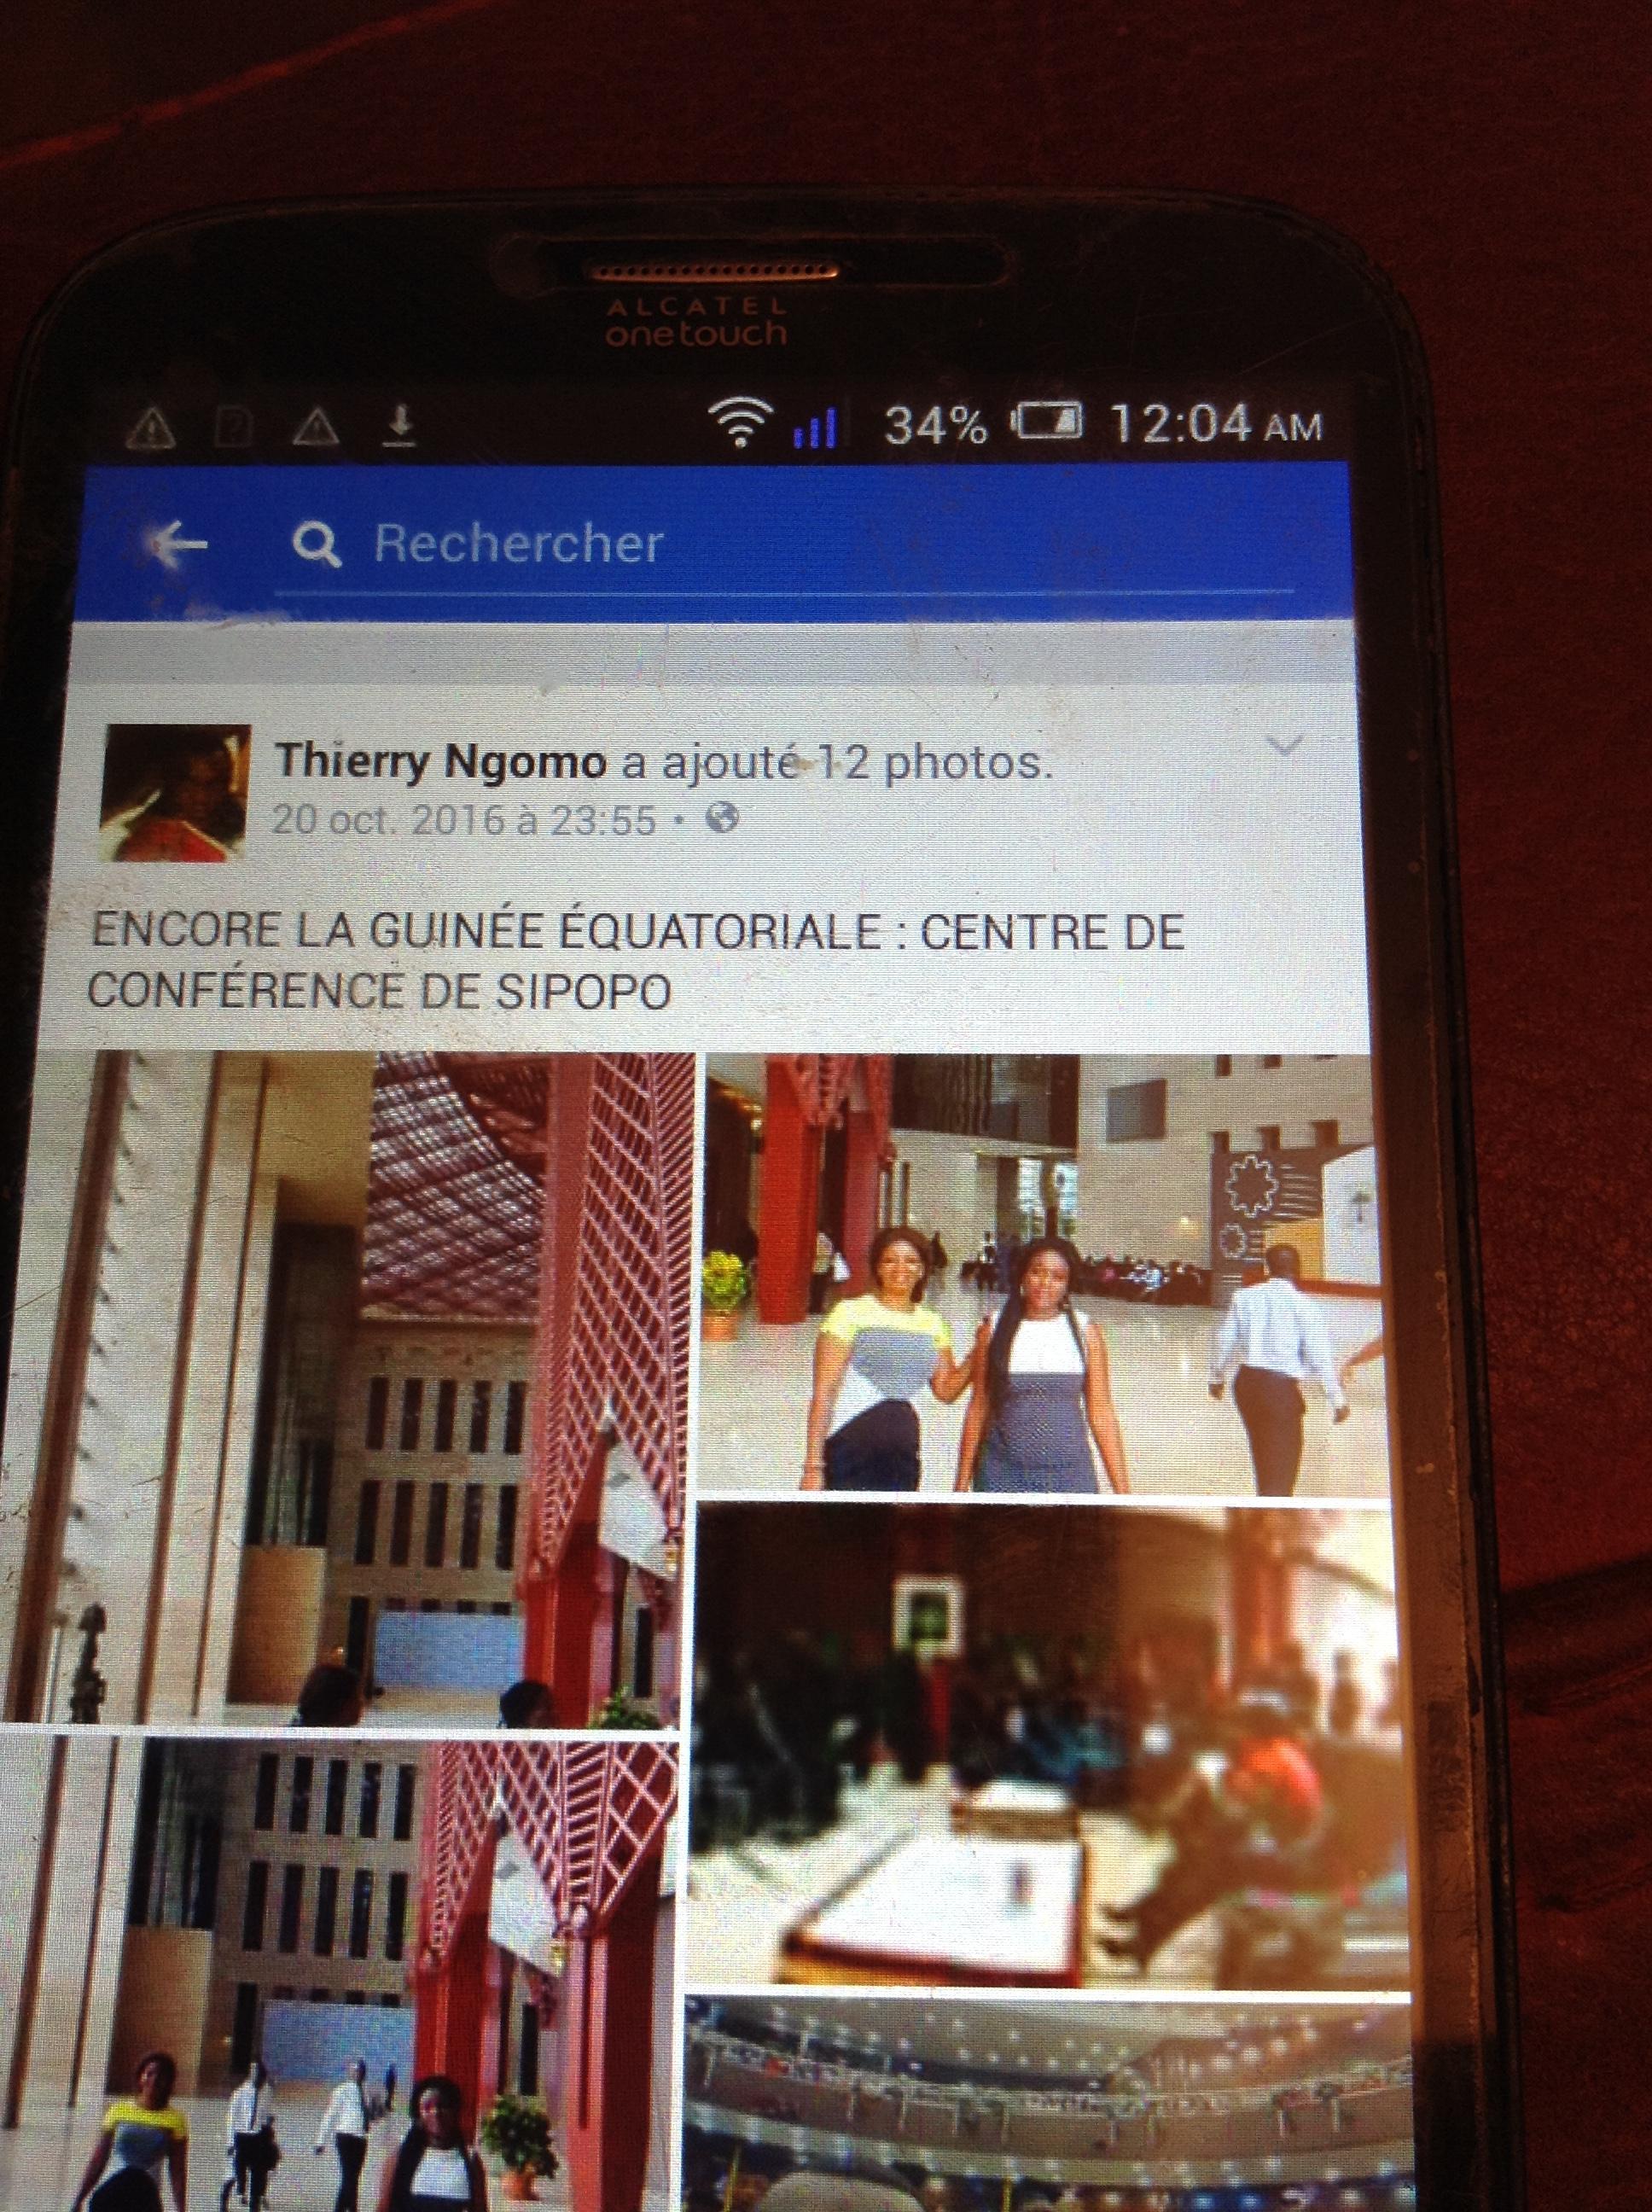 Les Gabonais sont émerveillés devant le nouveau visage de la Guinée Équatoriale !!!